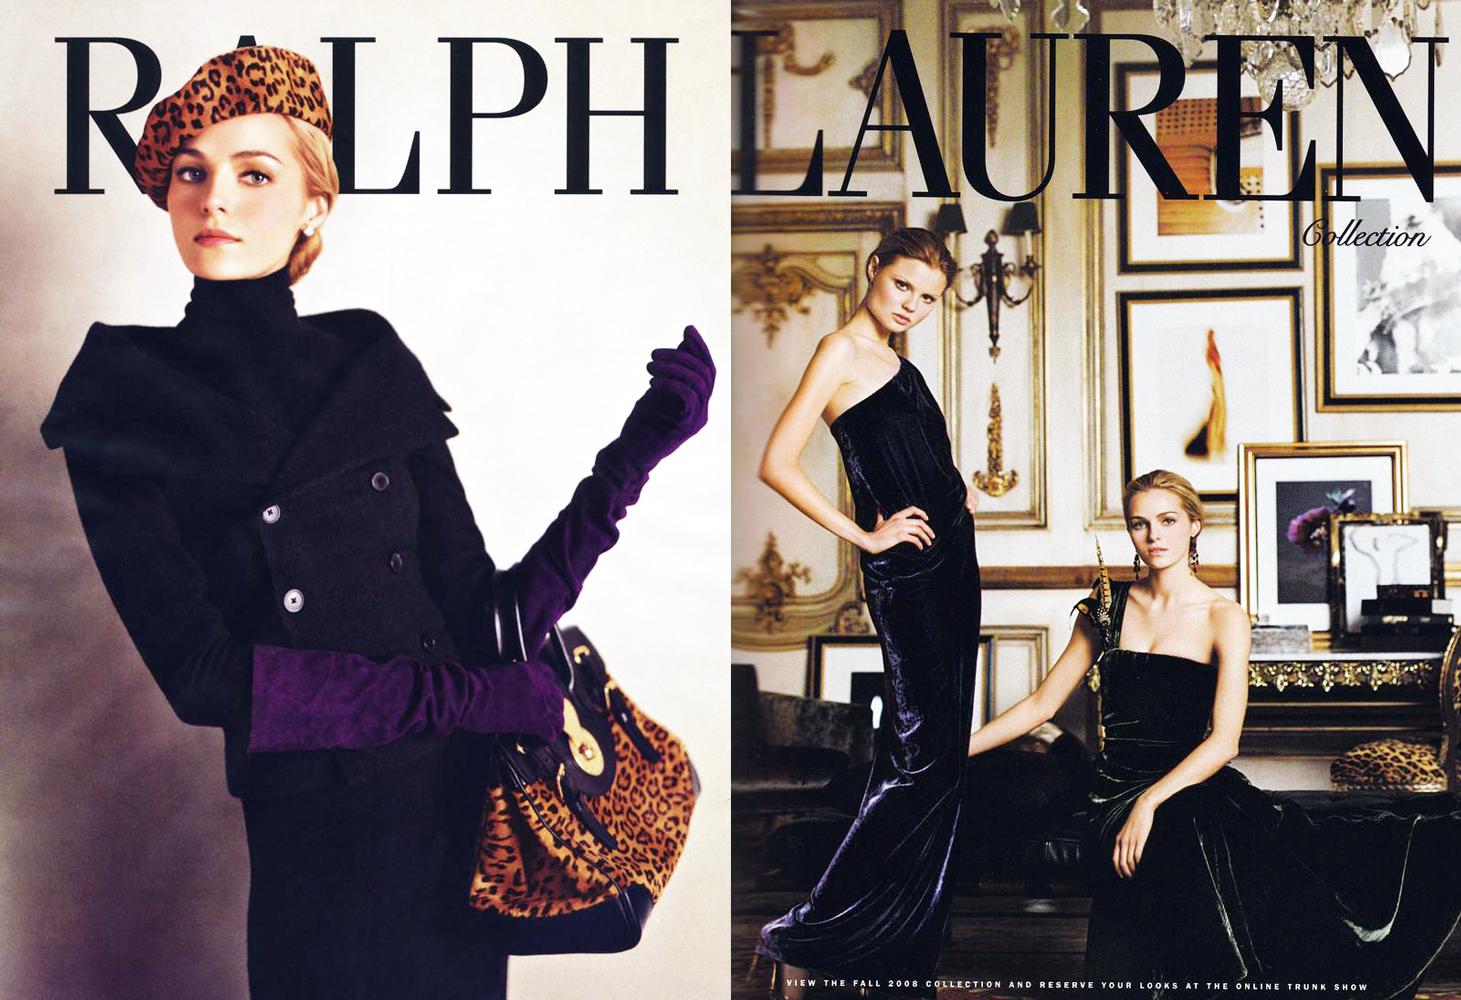 ralph-lauren-collection-fall-2008-advertisement-22